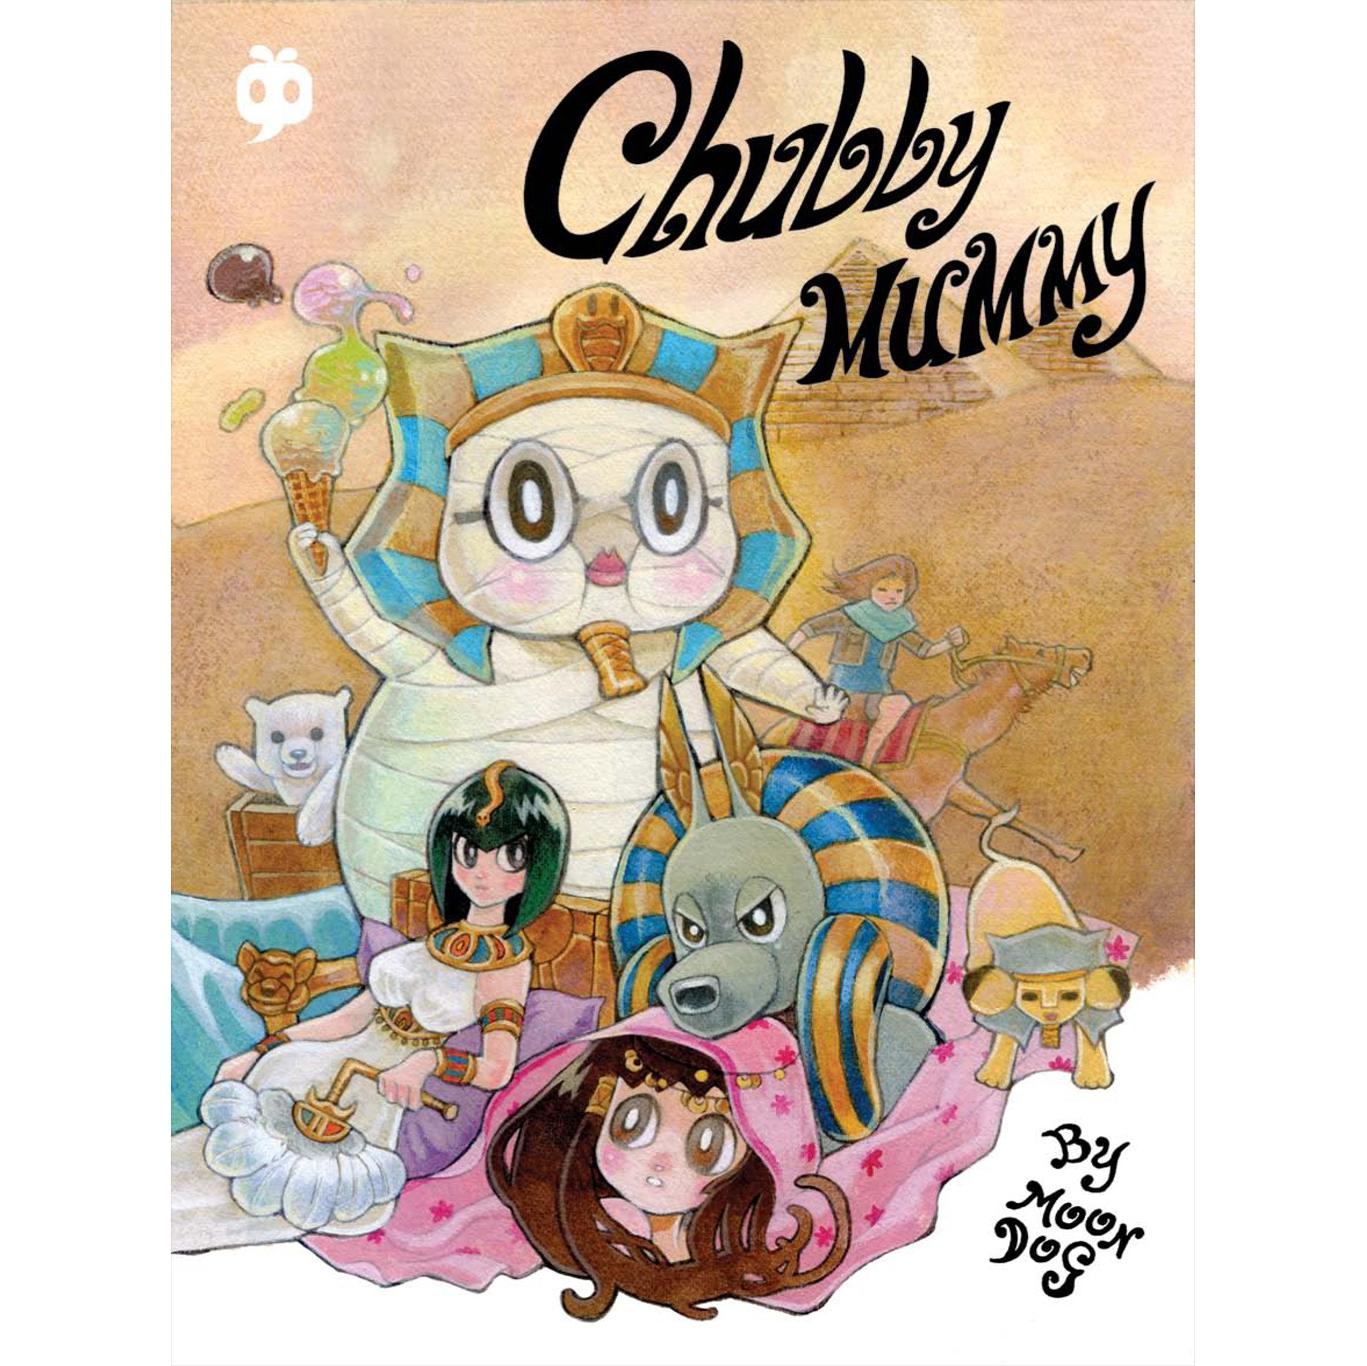 Chubby Mummy ตุ๊ต๊ะคาเมน มัมมี่อ้วนผจญภัย!